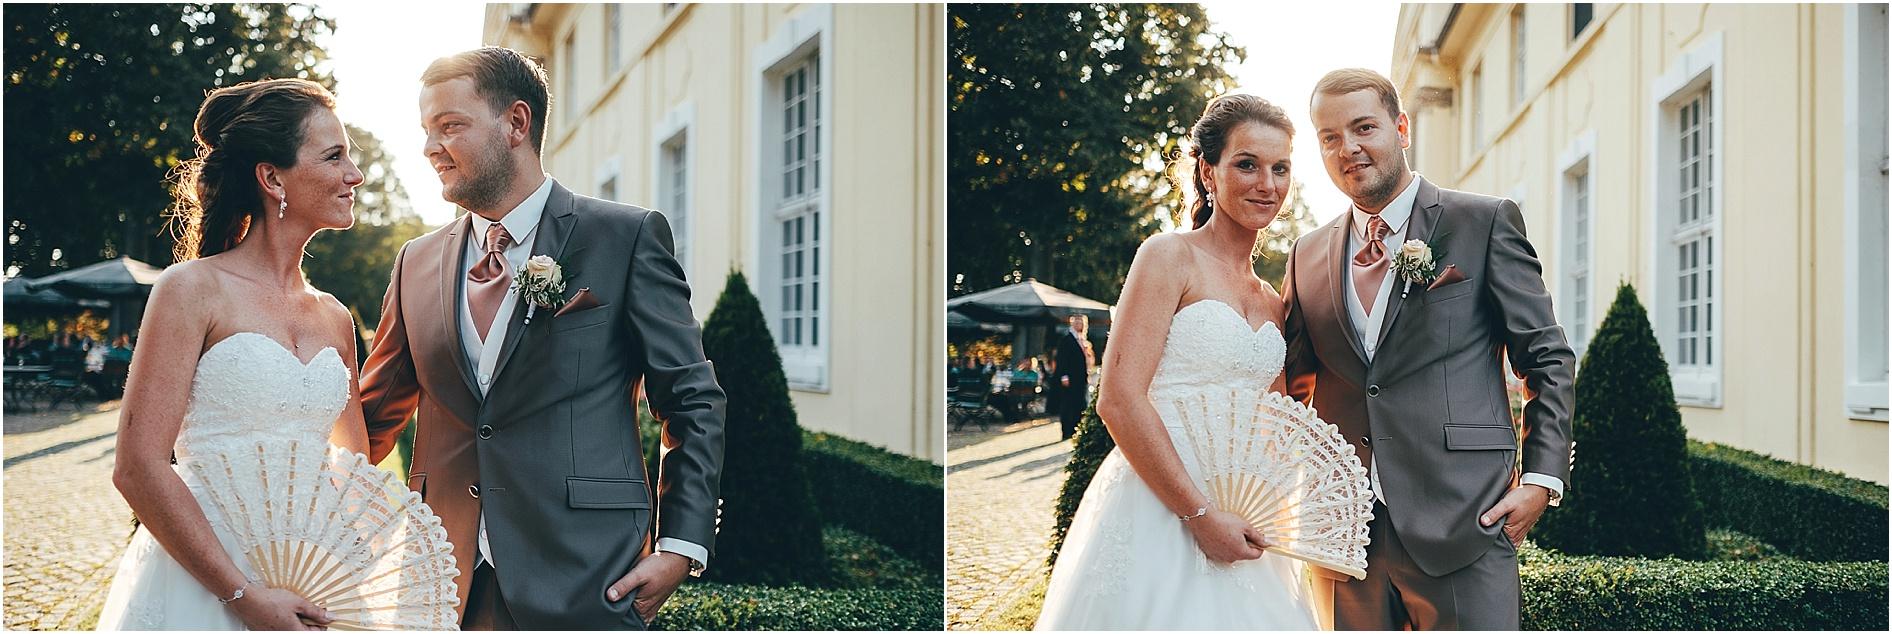 2017-01-17_0099 Sarah & Basti - Hochzeit auf Schloss Hasenwinkel